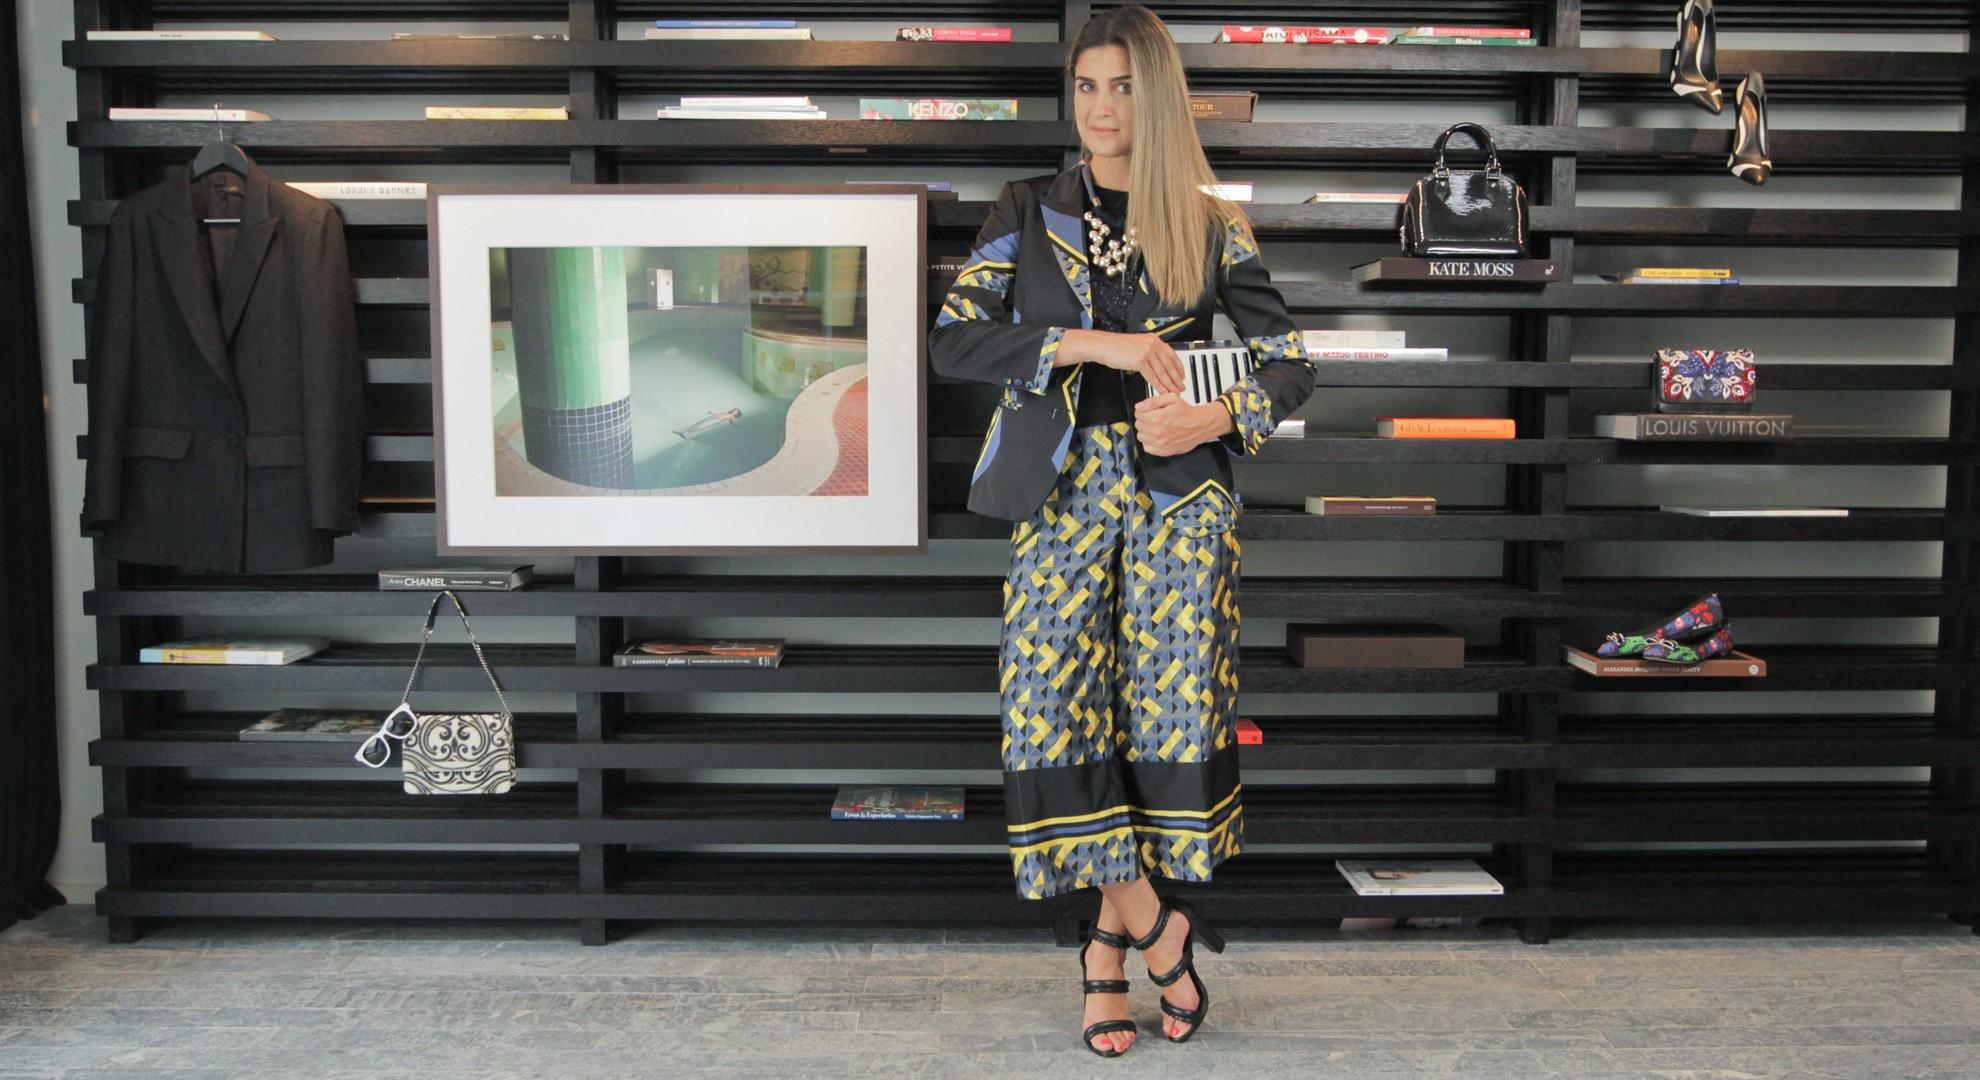 Barbara Migliori (Foto: Pablo Escajedo)